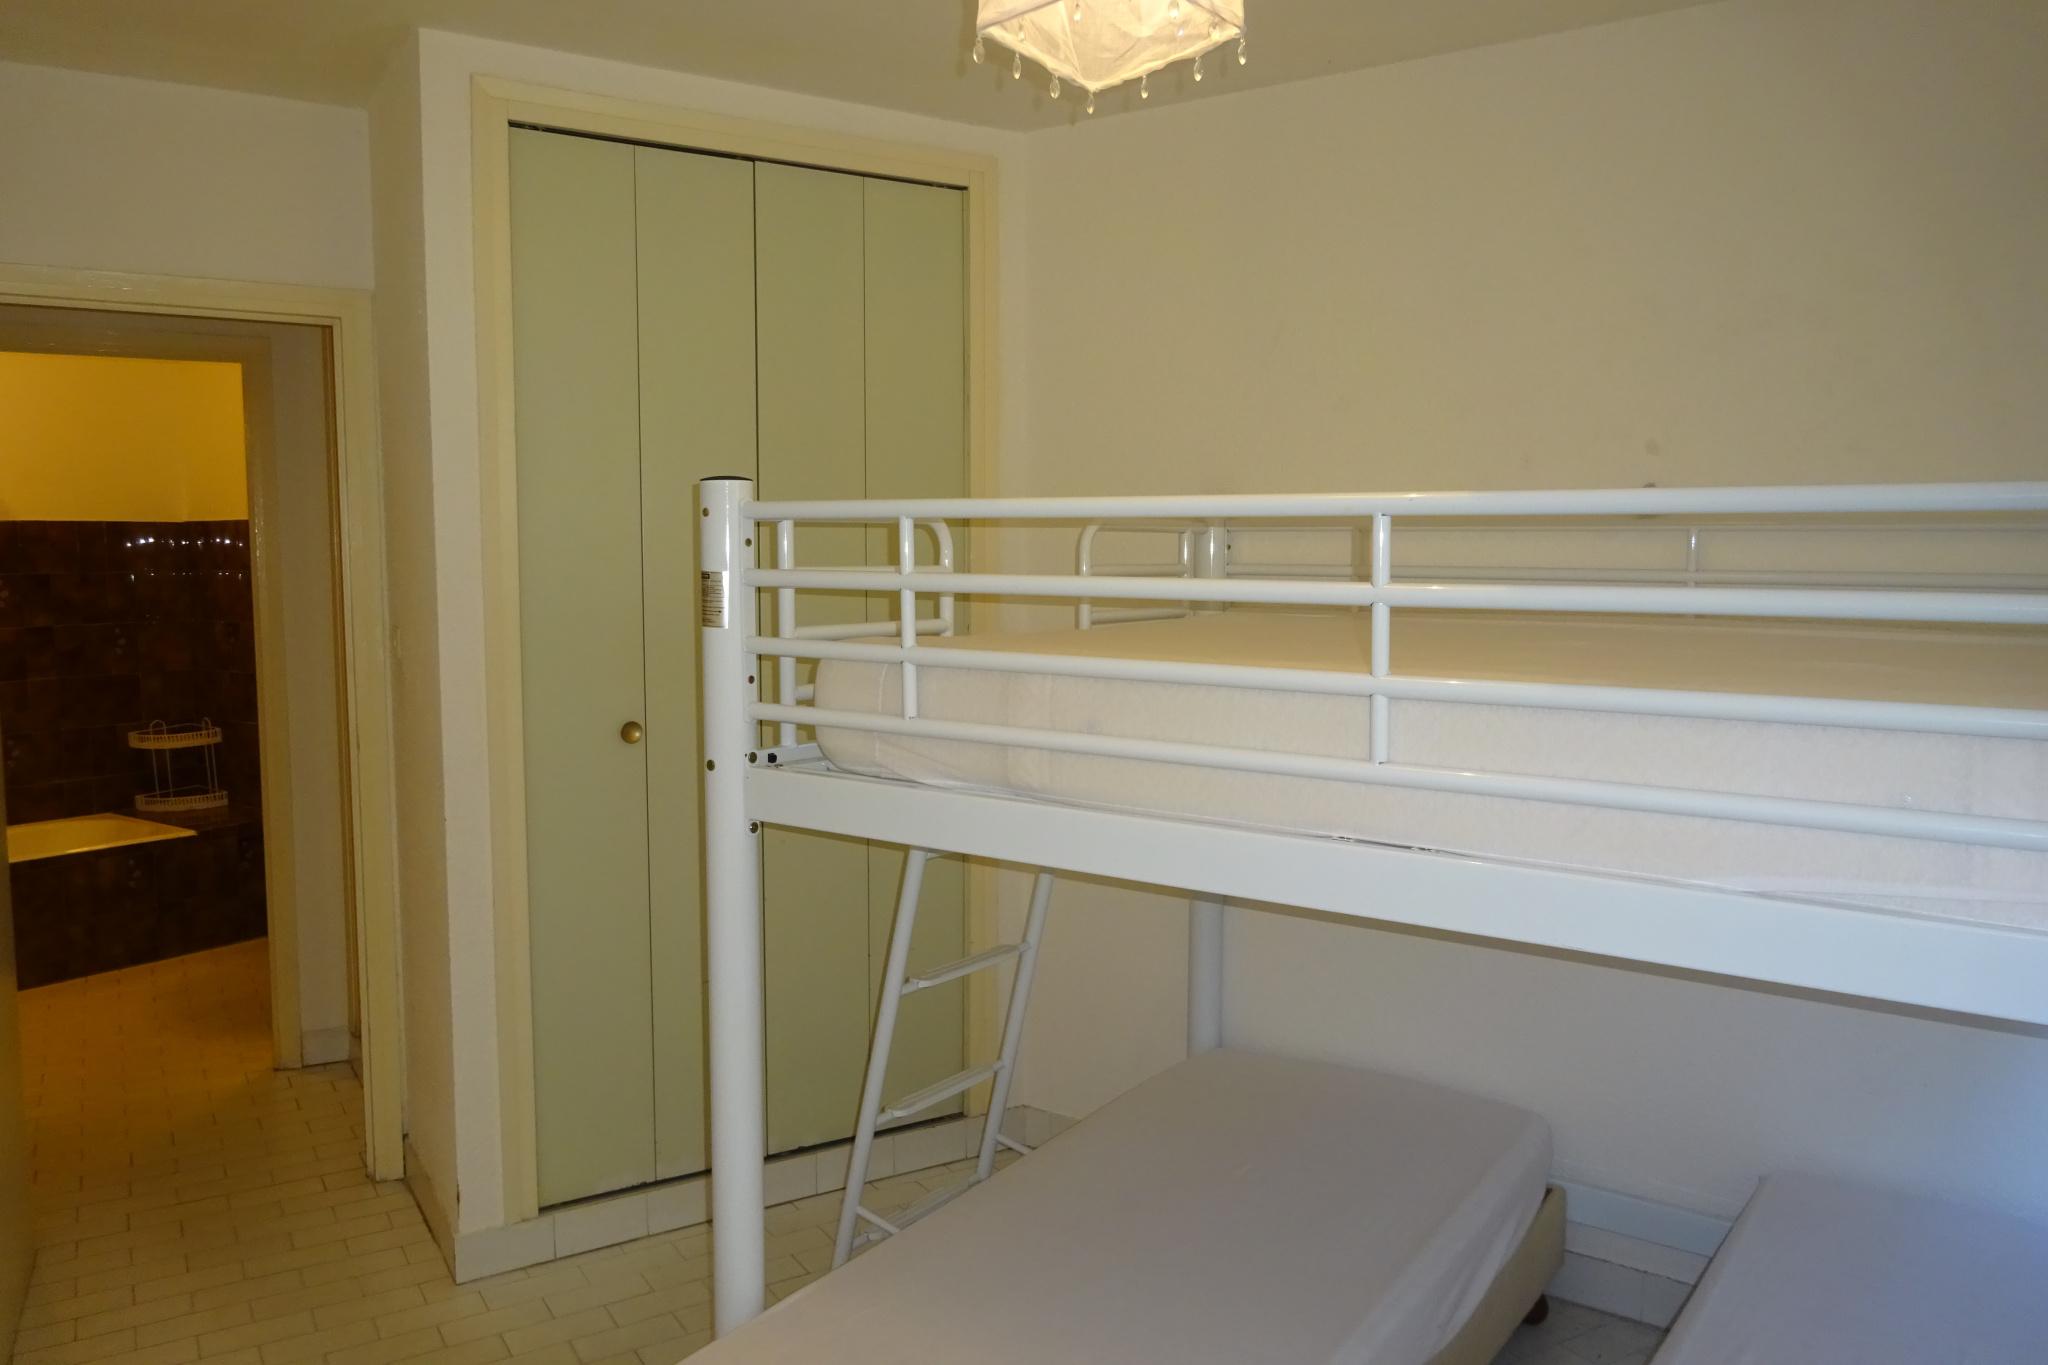 À vendre appartement de 60m2 à argeles sur mer (66700) - Photo 2'